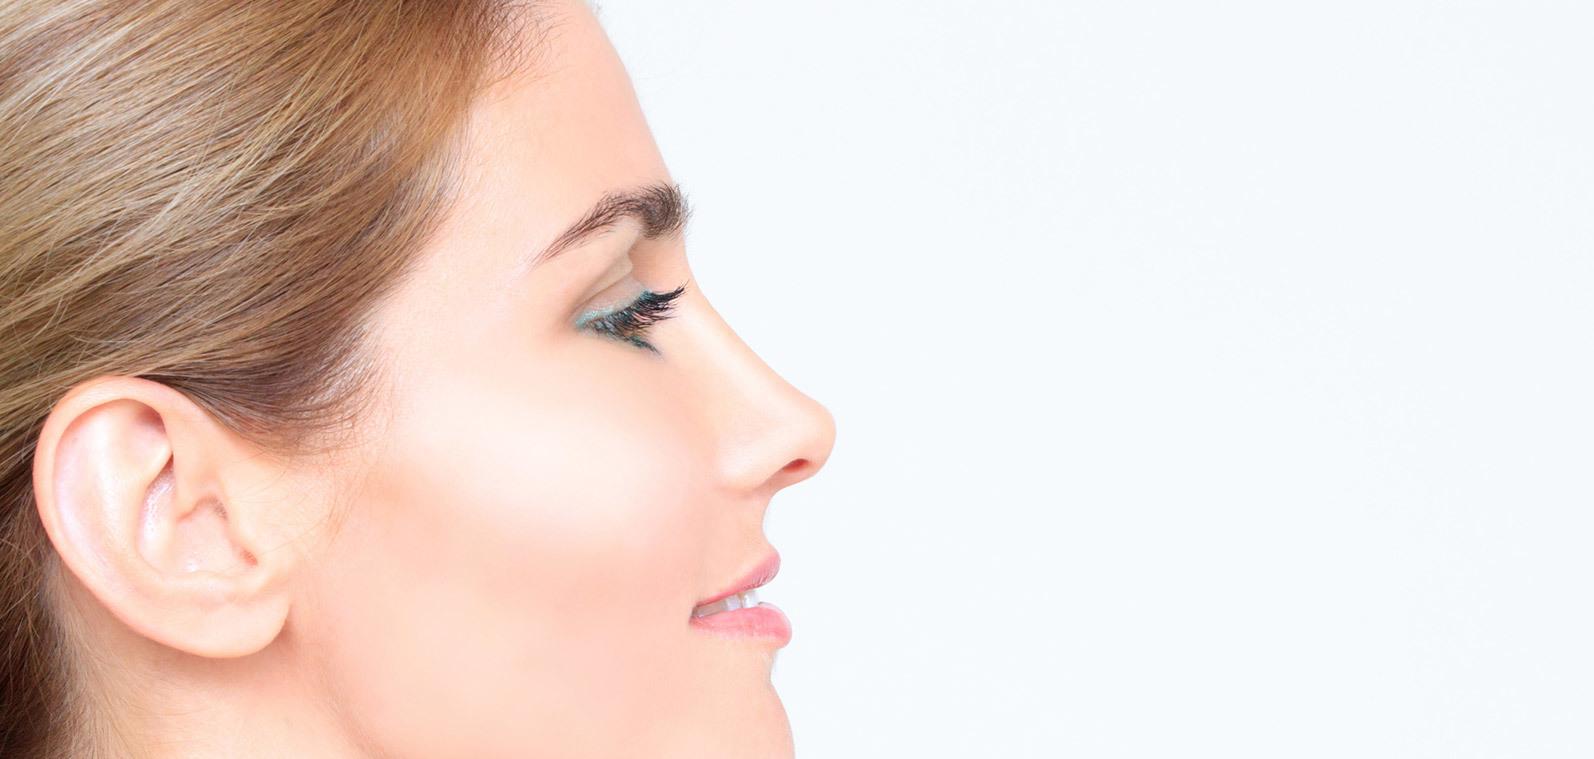 Aquiline nose correction (humped nose) | Heidelberg Mannheim